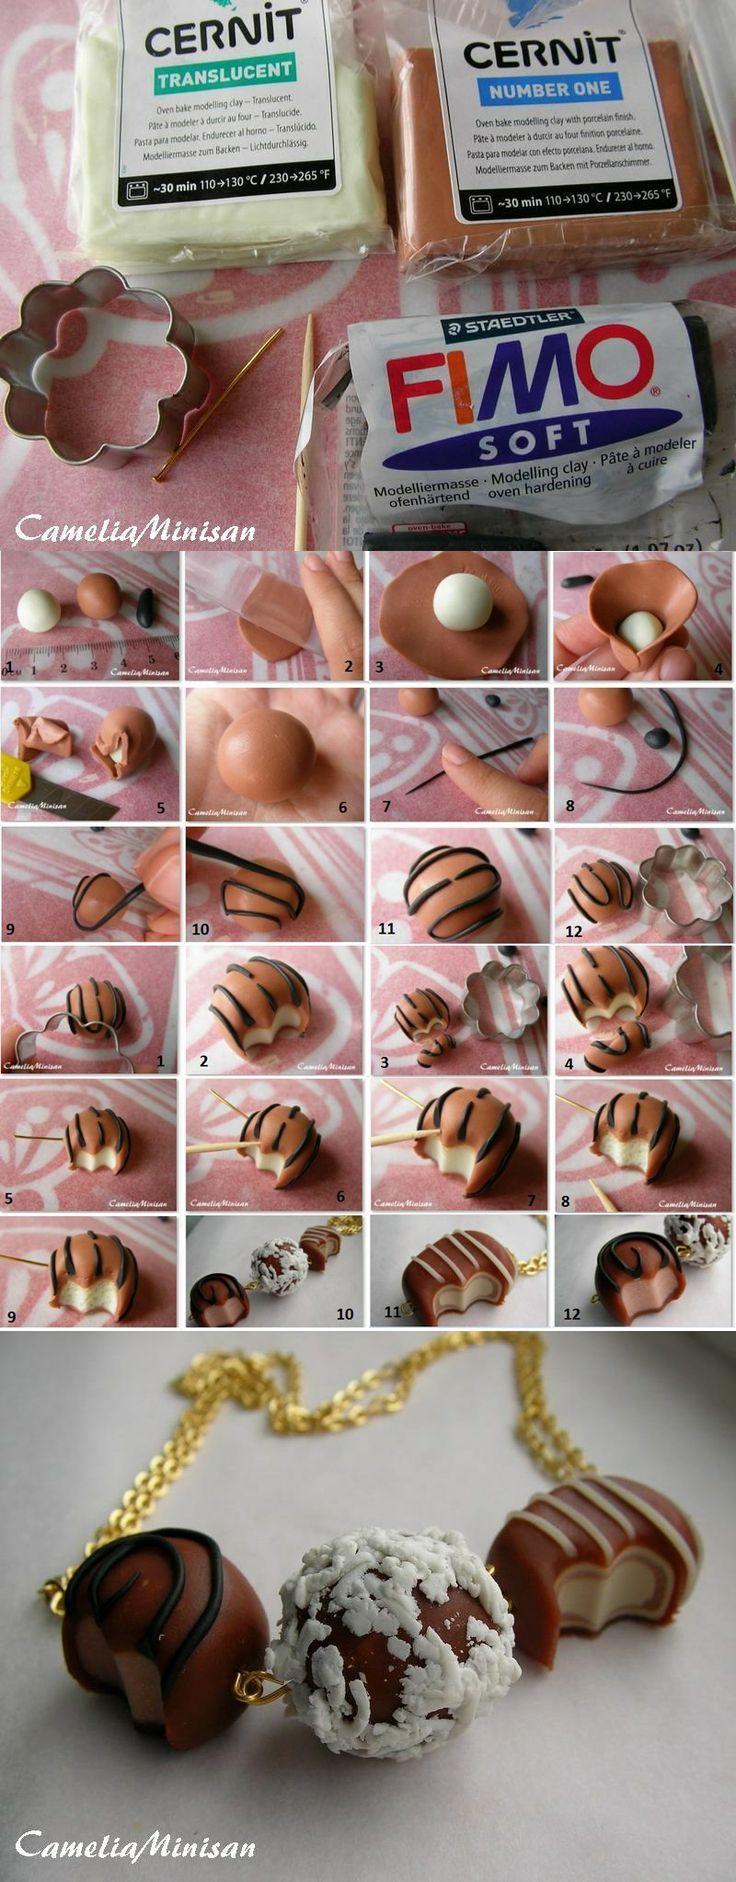 Techniques pour fabriquer ses bijoux en pâte de fimo tel les bijoux gourmandes.Le mode d'emploi dans ce blog spécialiste de loisirs créatifs.